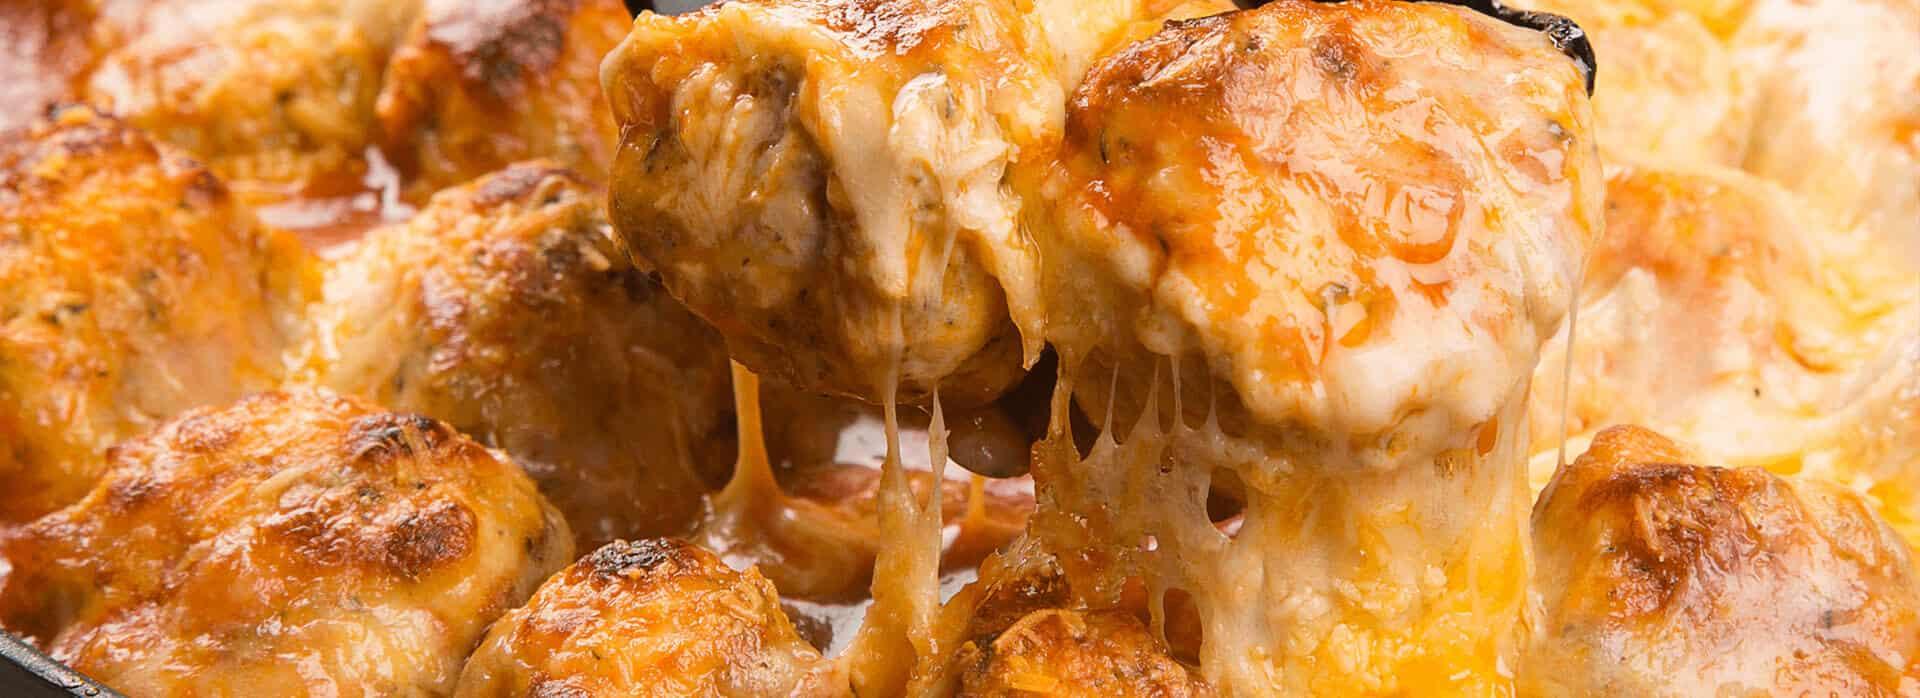 Cómo preparar albóndigas de pollo